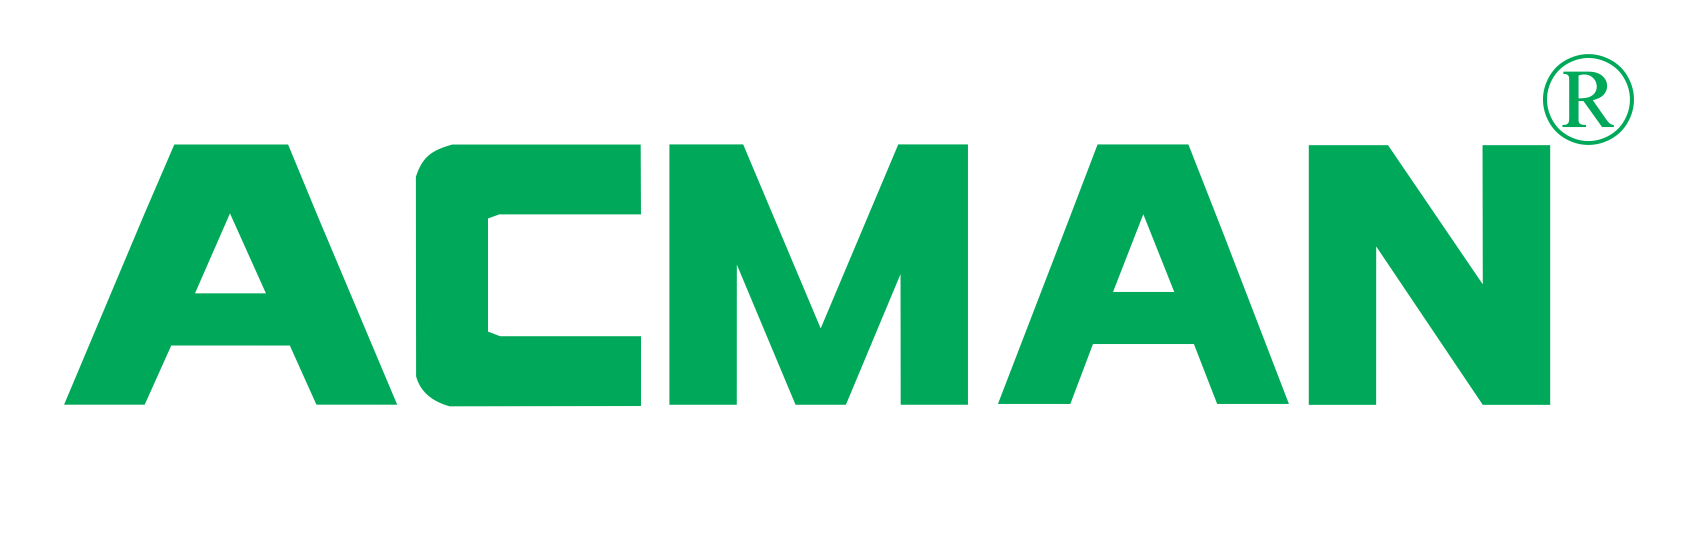 Sản phẩm của Công ty Cổ phần Phát triển Phần mềm ACMAN